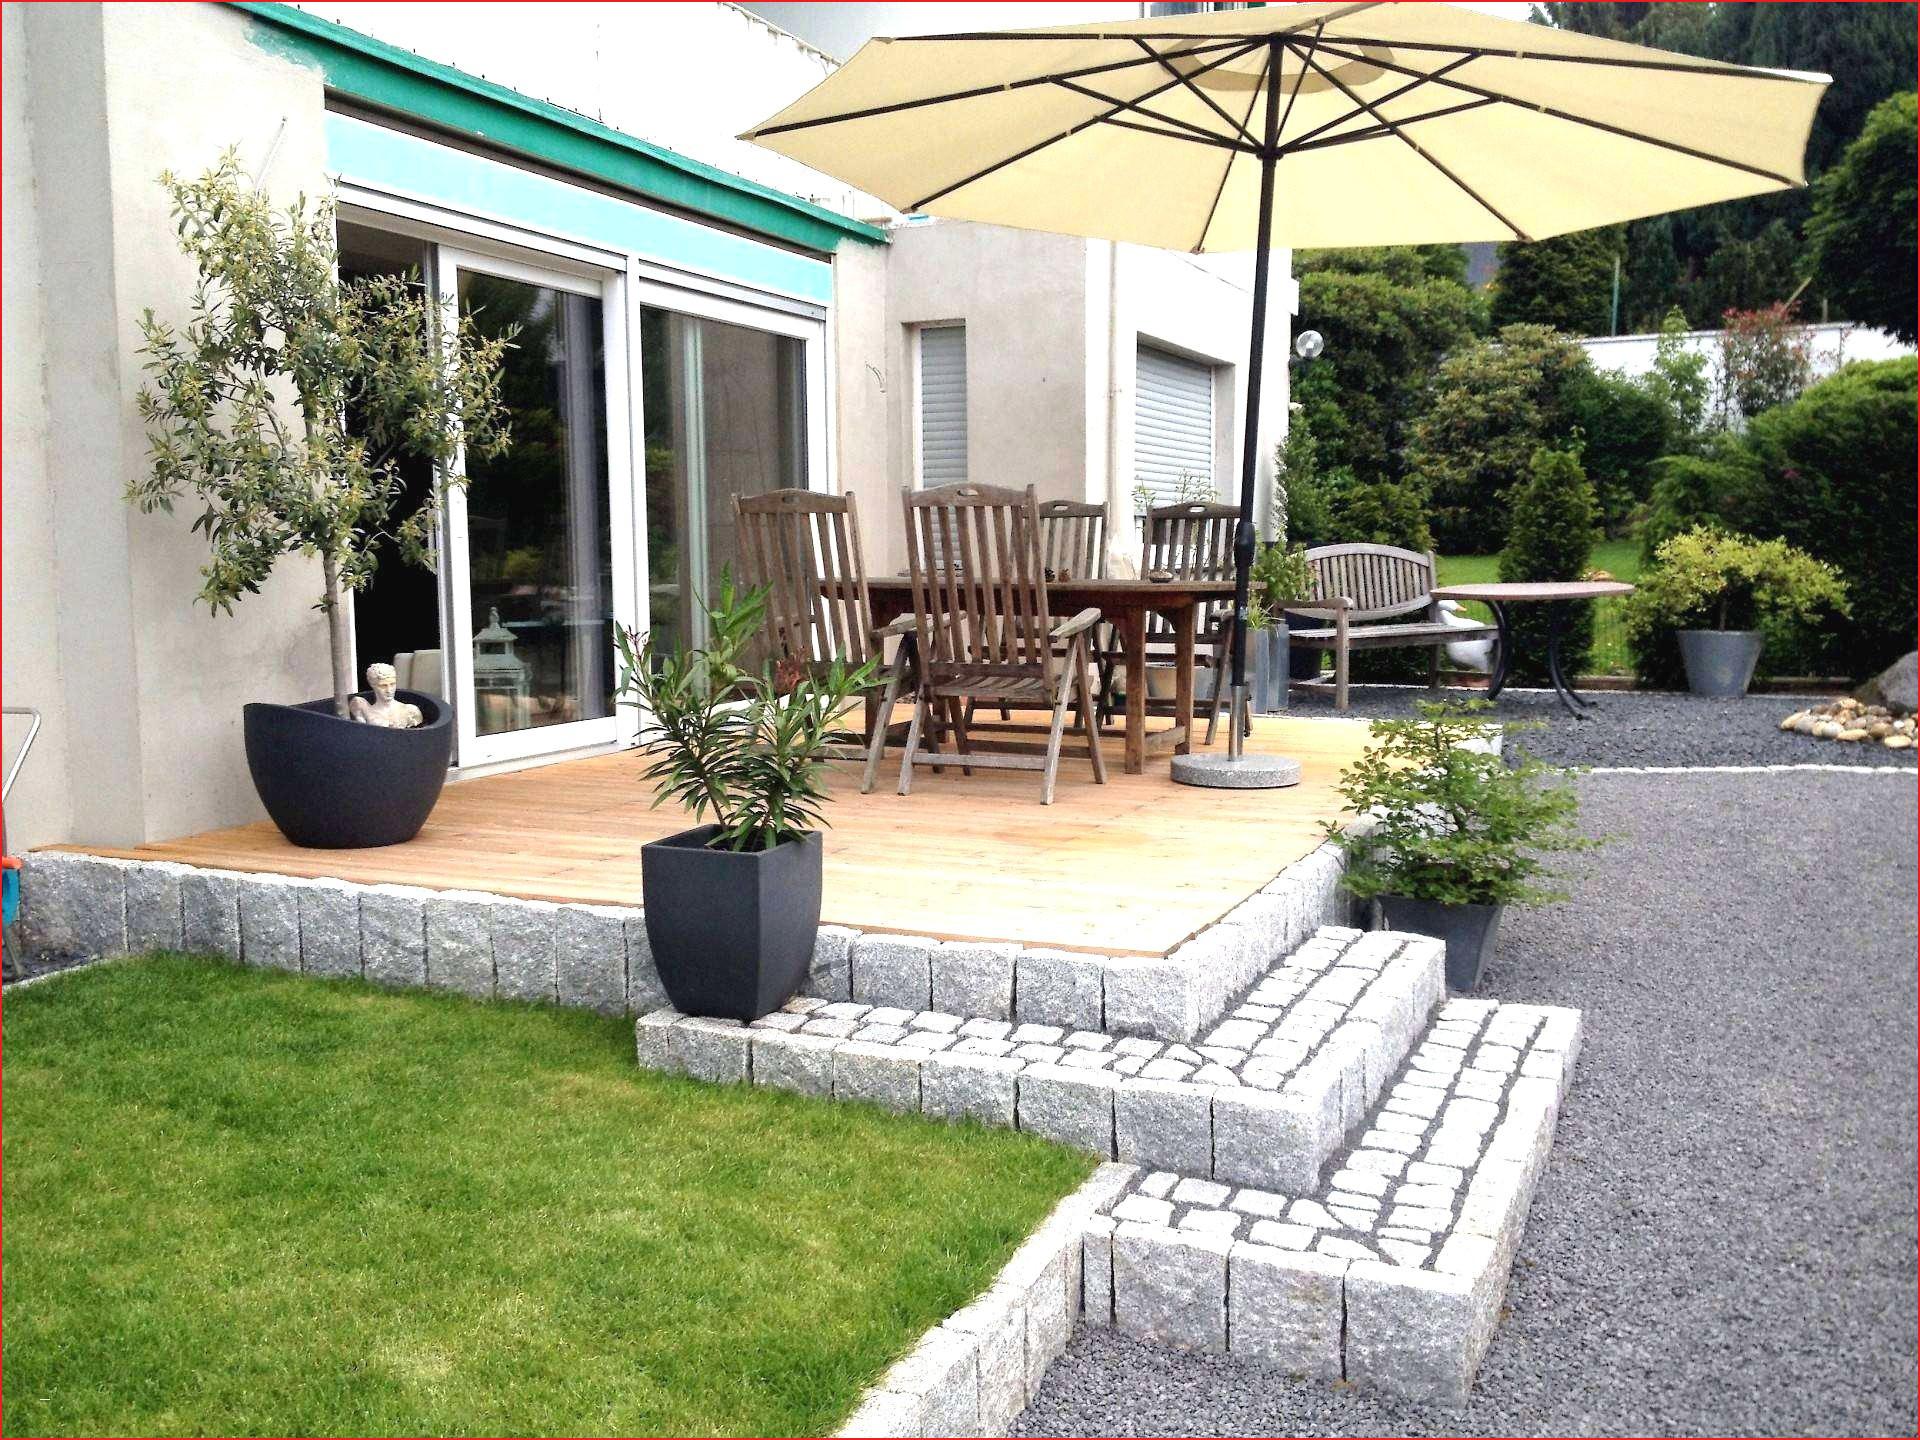 photo veranda kleines gartenhaus mit veranda einzigartig aufbau terrasse 0d von of photo veranda